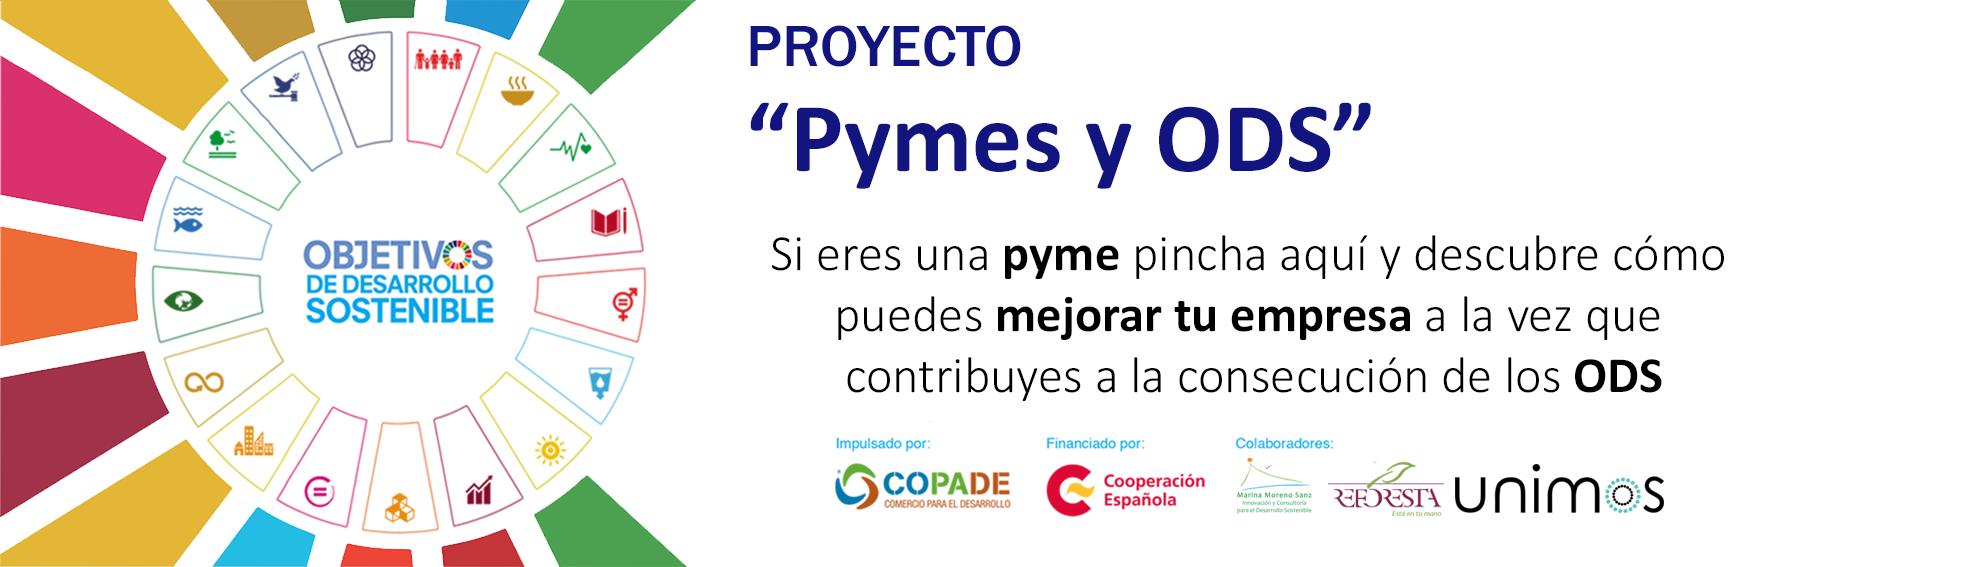 proyecto para Pymes y ODS Copade